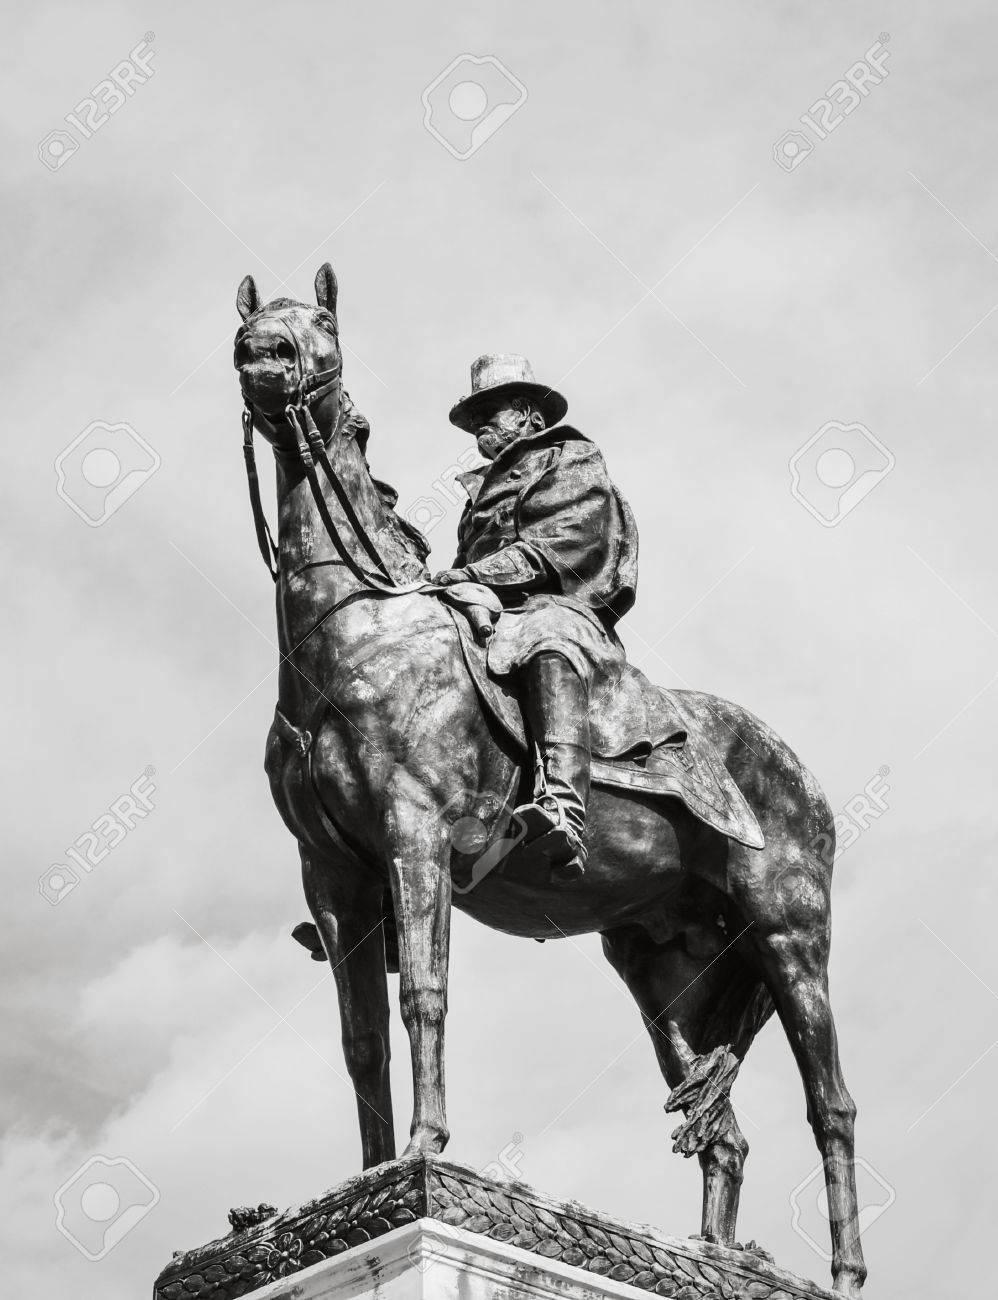 Ulysses S. Grant Memorial in Washington DC - 63468291